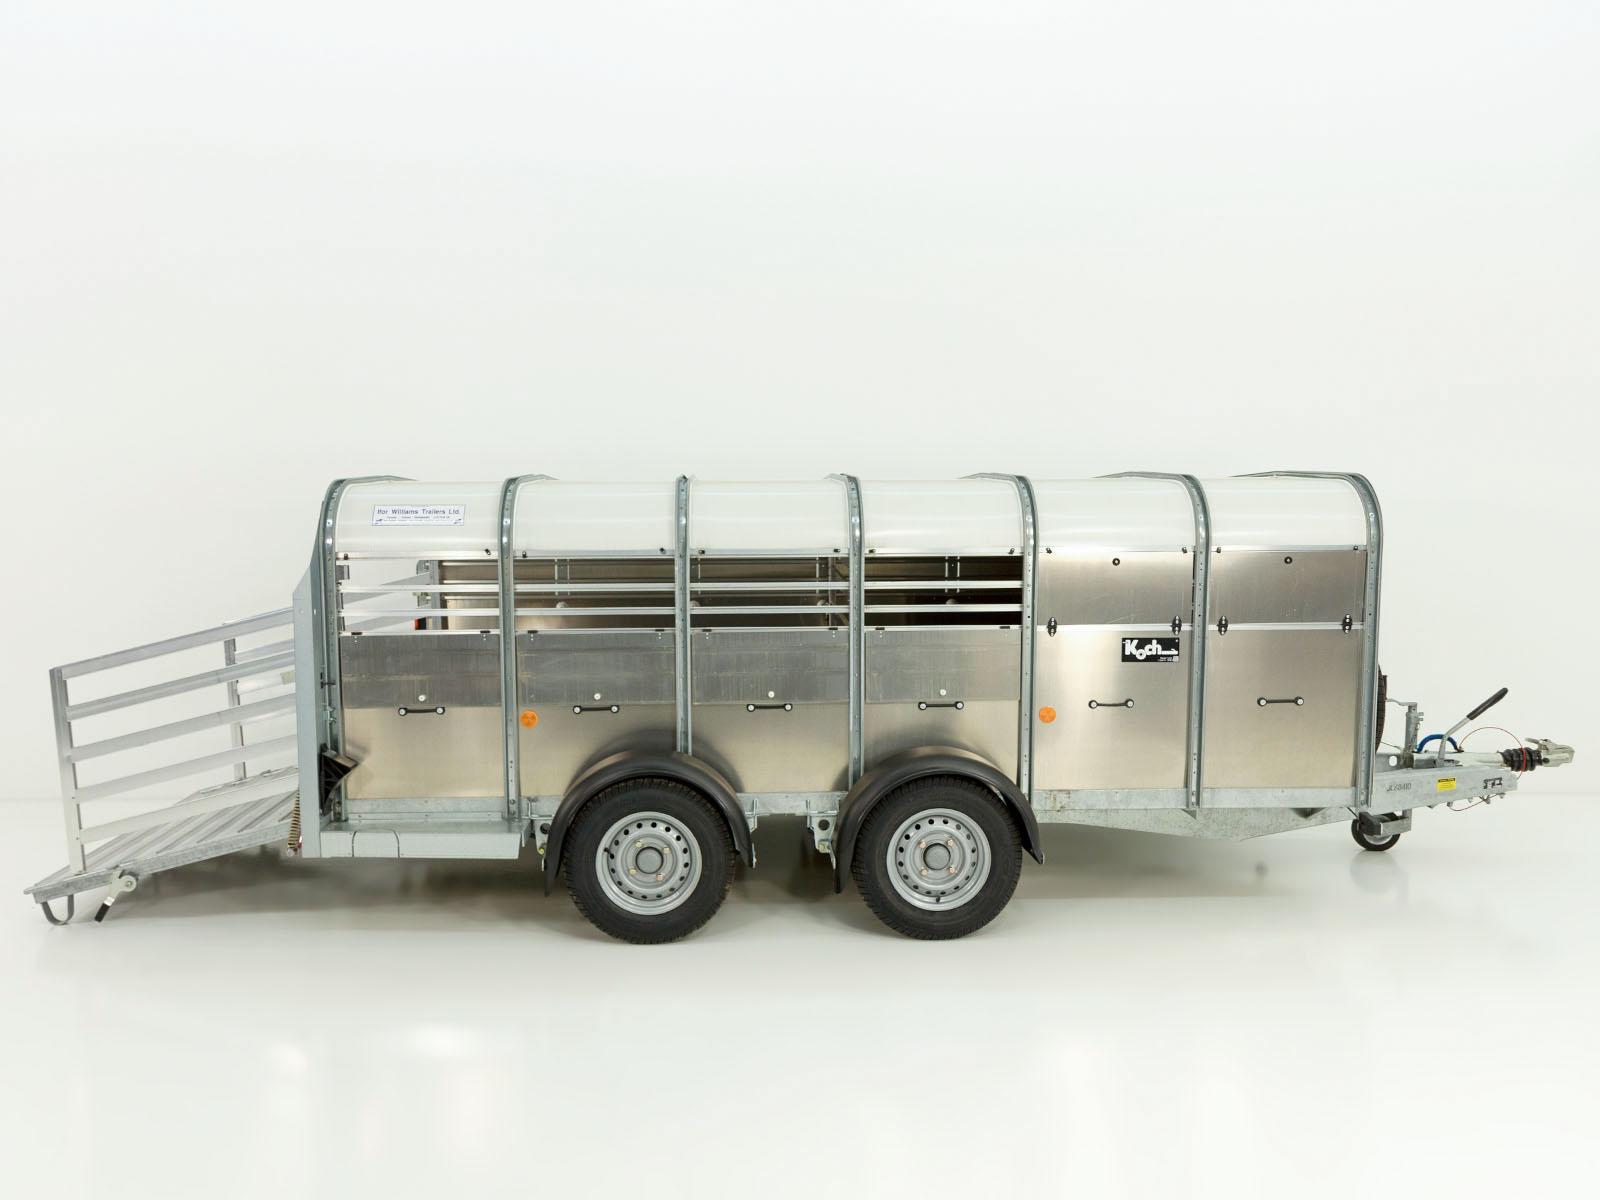 Sonstige-Viehanhaenger-Pferdetransporter-Viehanhaenger-TA5-156x372cm-Hoehe-120cm-2-7t-Ifor-Williams_0658_052mbqK51g36dWe.jpg